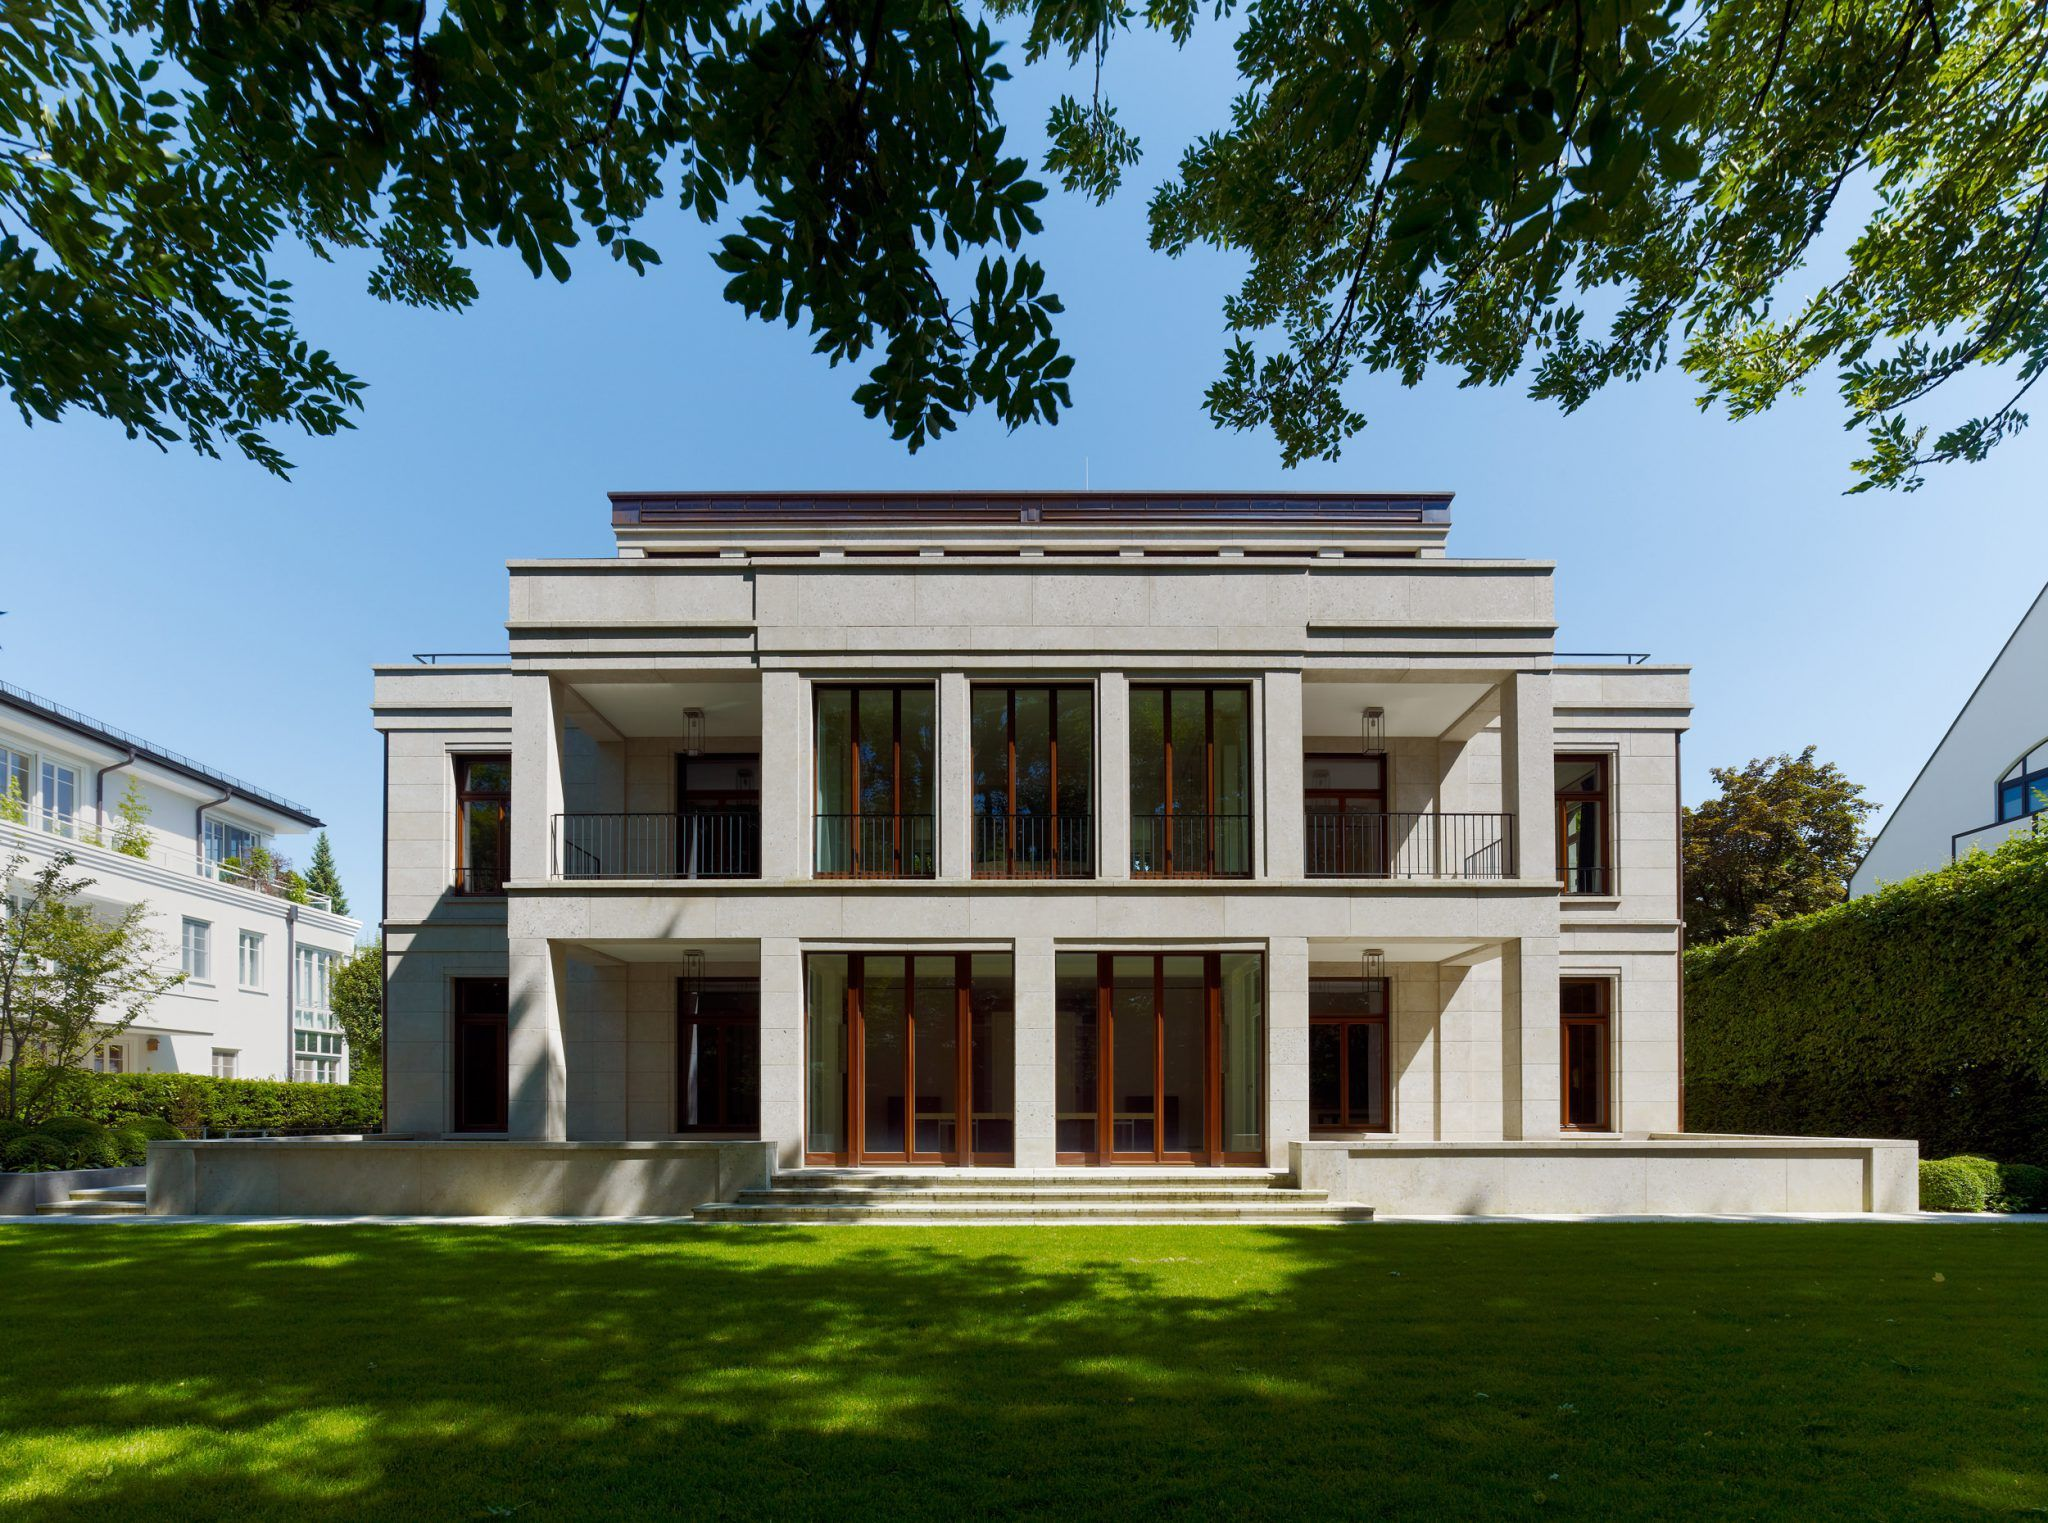 haus r kahlfeldt architekten postmodern pinterest haus moderne architektur und villa. Black Bedroom Furniture Sets. Home Design Ideas